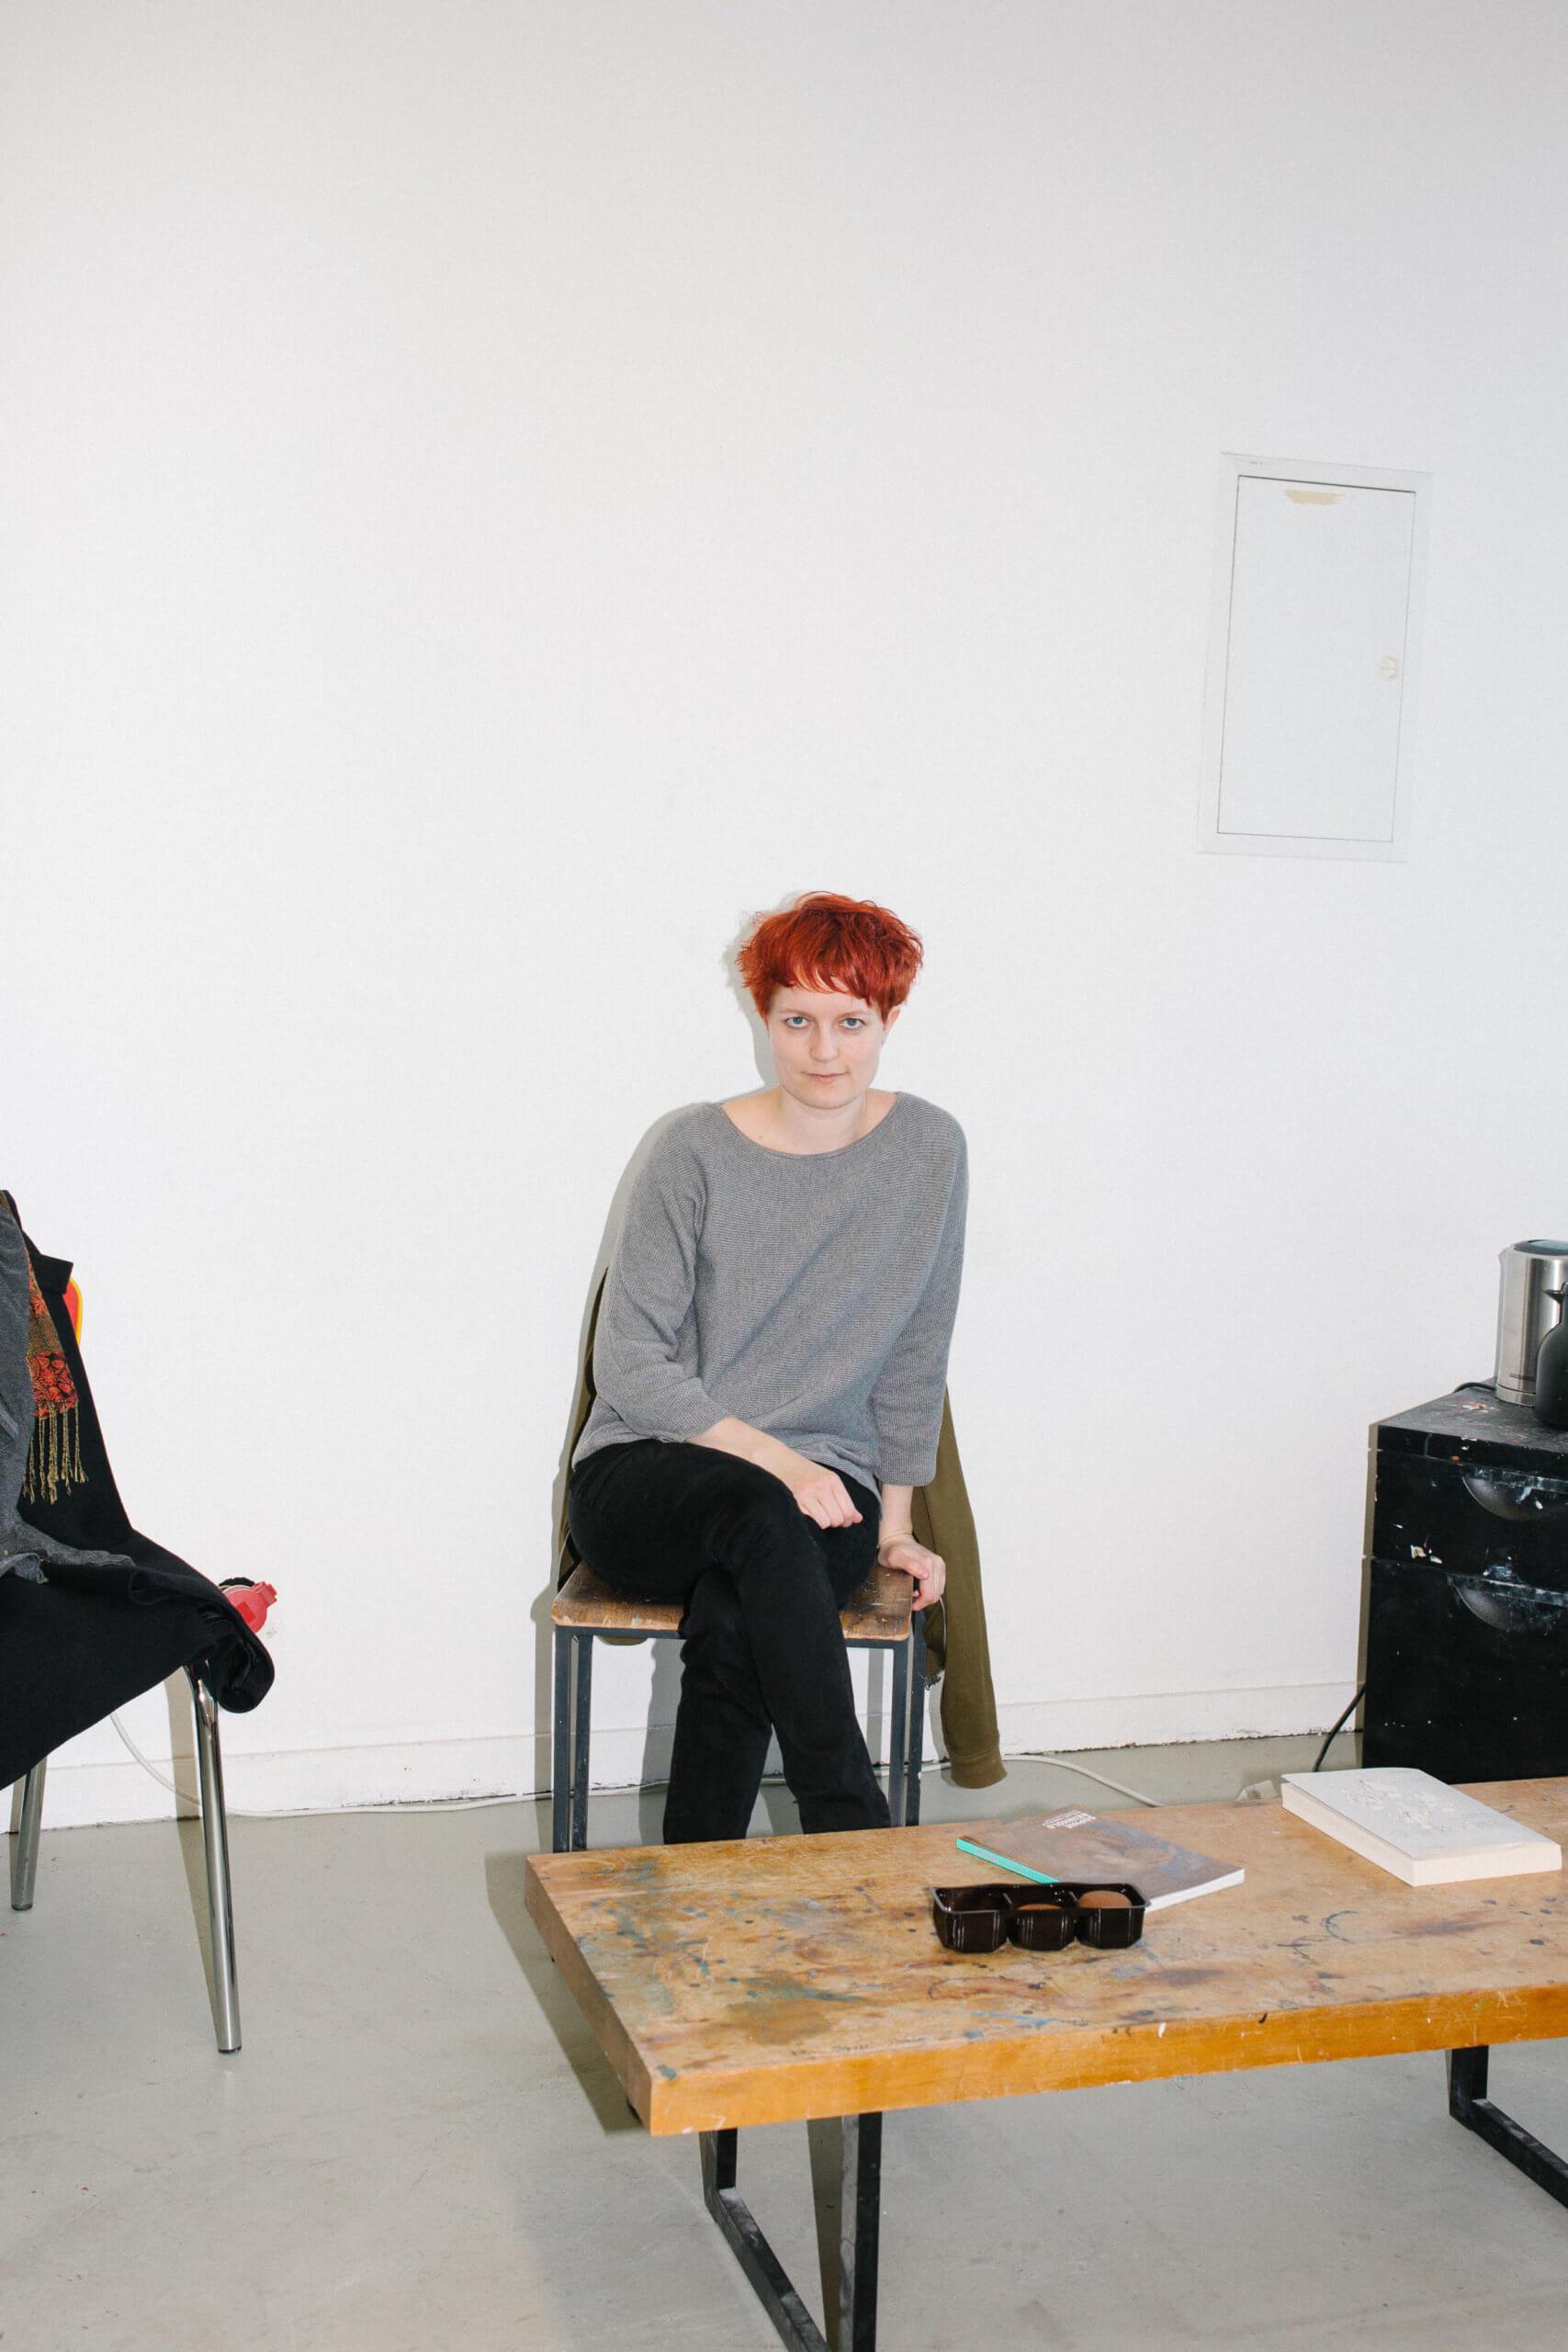 Auf dem Bild ist die Künstlerin Stefanie Gerstmayr sitzend in Frontalansicht zu sehen. Se lächelt in die Kamera und im unteren Bildran ist ihr Schreibtisch